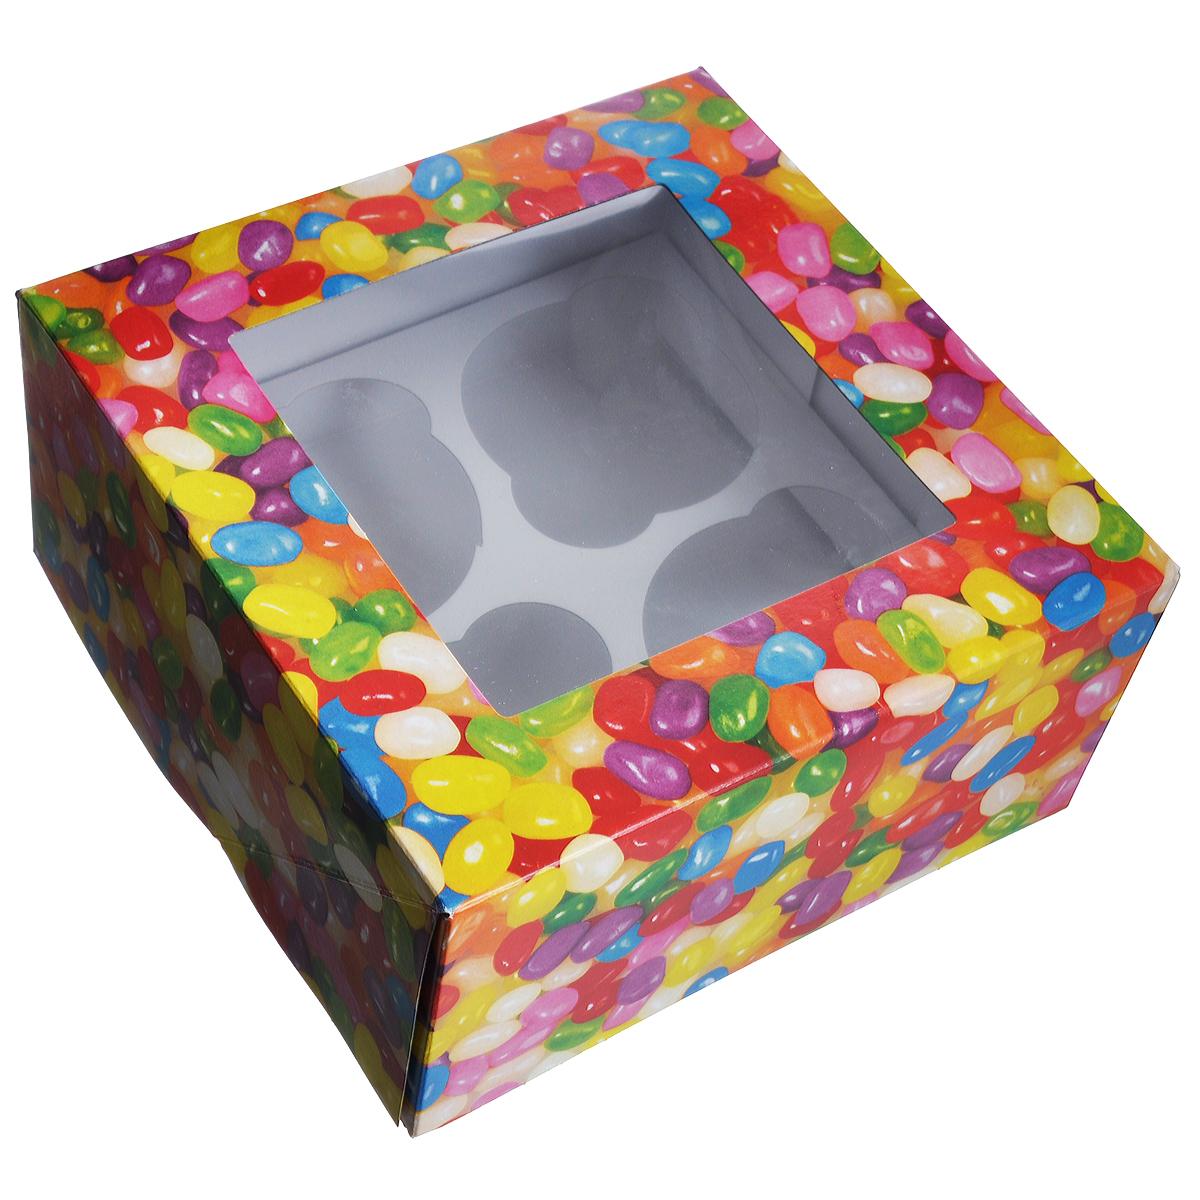 Набор коробок для сладостей Wilton Веселая фасоль, 15,8 см х 15,8 см х 7,6 см, 3 штWLT-415-2757Набор Wilton Веселая фасоль состоит из трех подарочных коробок, изготовленных из картона и предназначенных для упаковки кондитерских изделий. Каждая коробочка оснащена небольшим окошком, благодаря которому можно видеть содержимое.Коробка Wilton Веселая фасоль - идеальная подарочная упаковка для вашего сладкого подарка. Просто поместите внутрь пирожное, и удивительно красивый и вкусный подарок готов! Набор также подходит для транспортировки кондитерских изделий. Размер коробочки: 15,8 см х 15,8 см х 7,6 см.